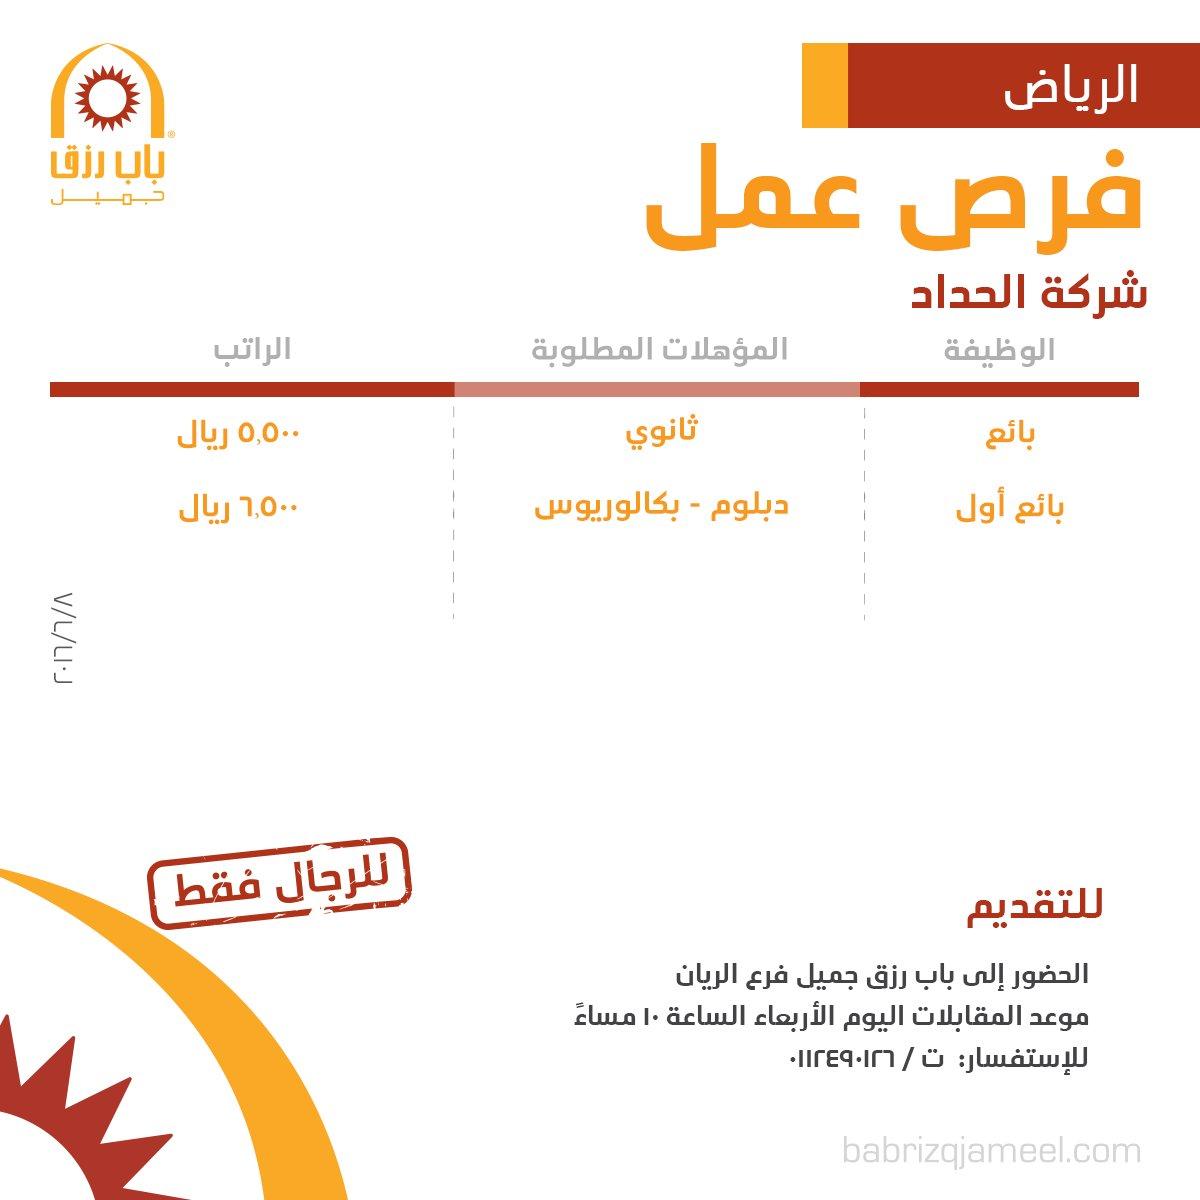 اليوم الأربعاء التقديم على وظائف مبيعات في شركة الحداد - الرياض